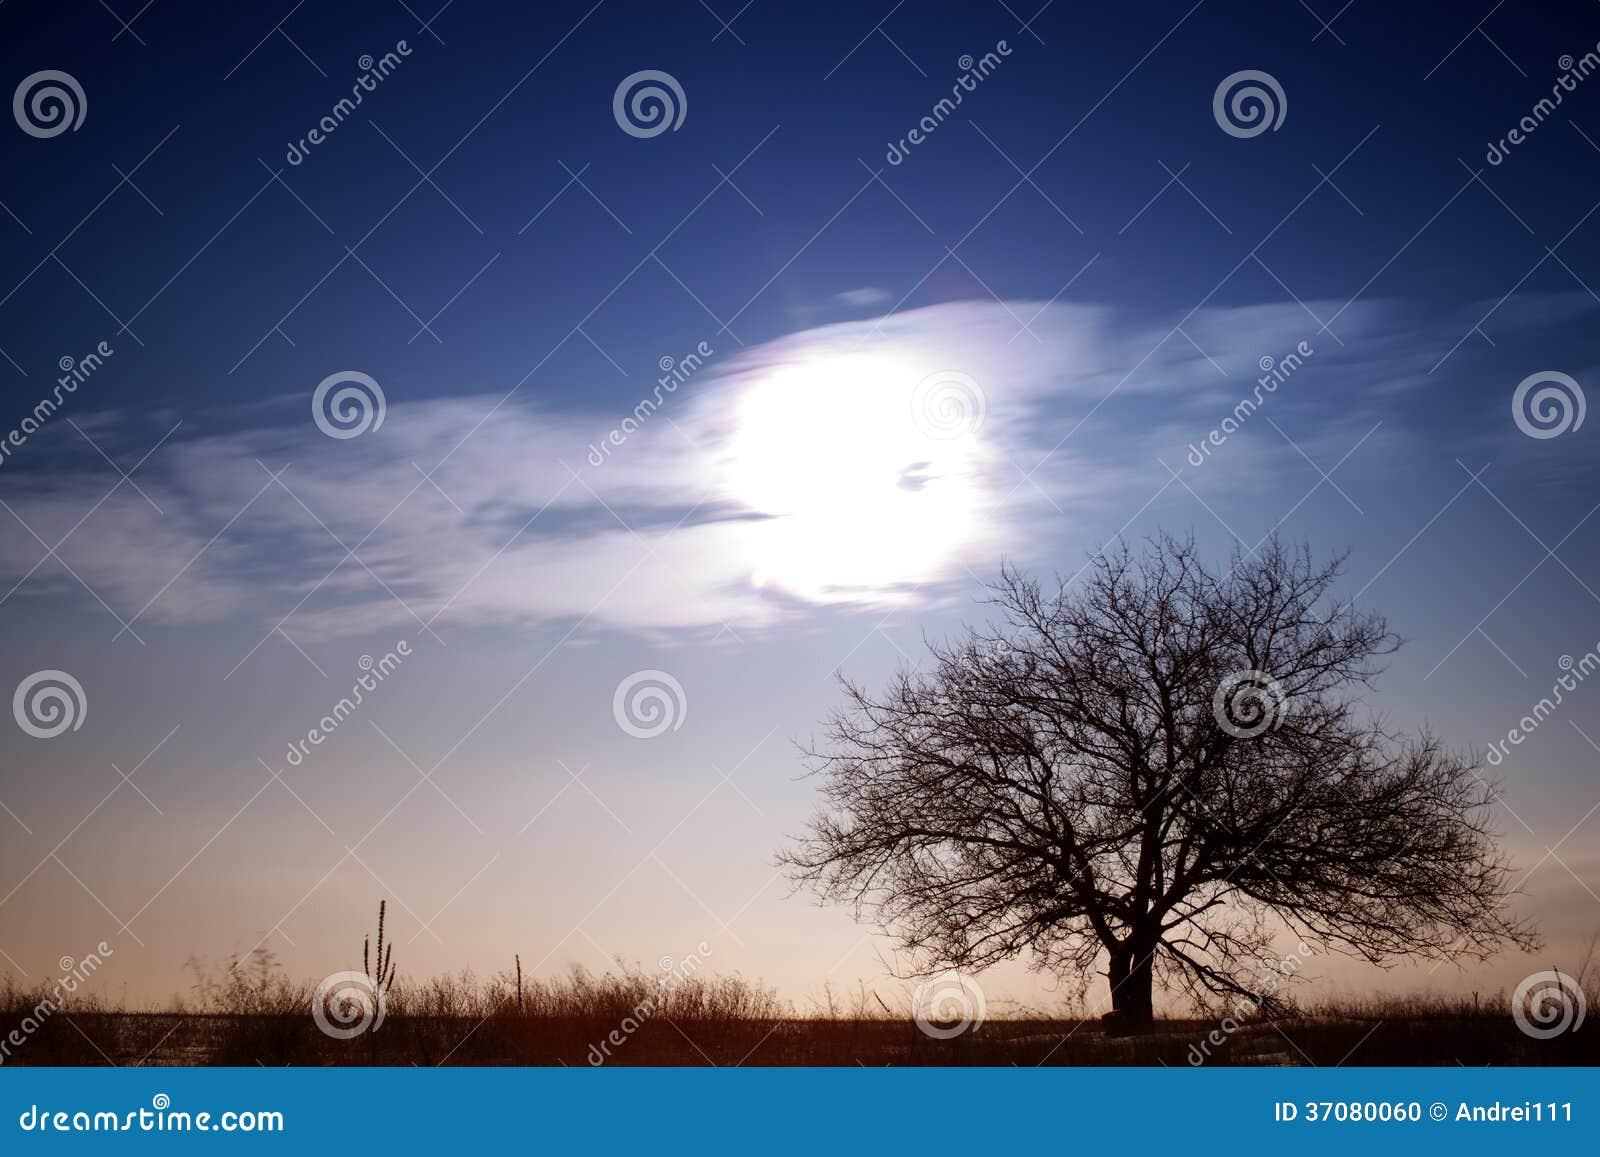 Download Osamotniony drzewo w polu zdjęcie stock. Obraz złożonej z kolory - 37080060